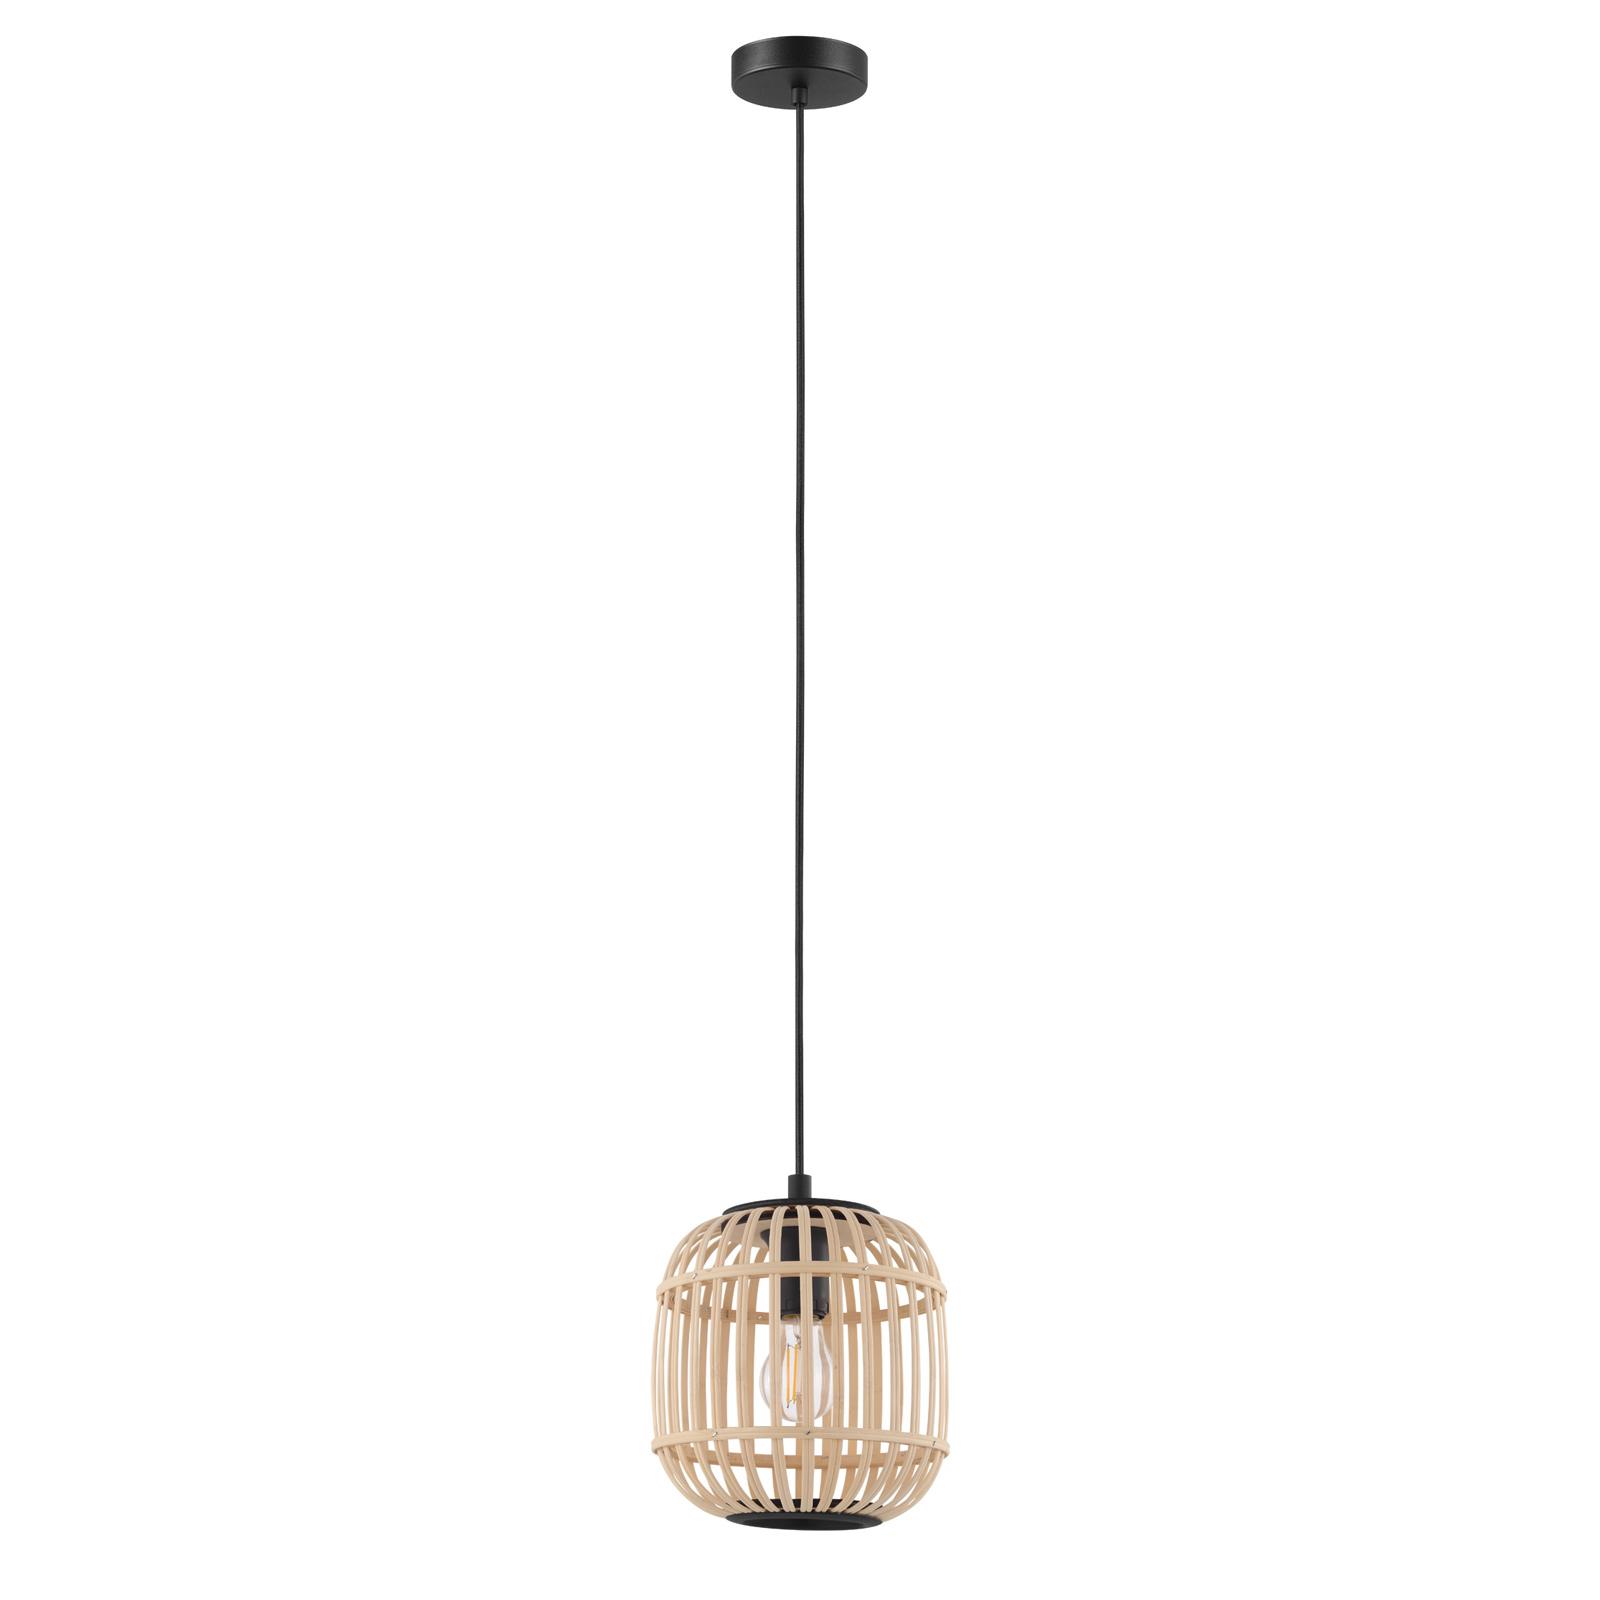 Lampa wisząca Bordesley z drewnianym kloszem 21 cm